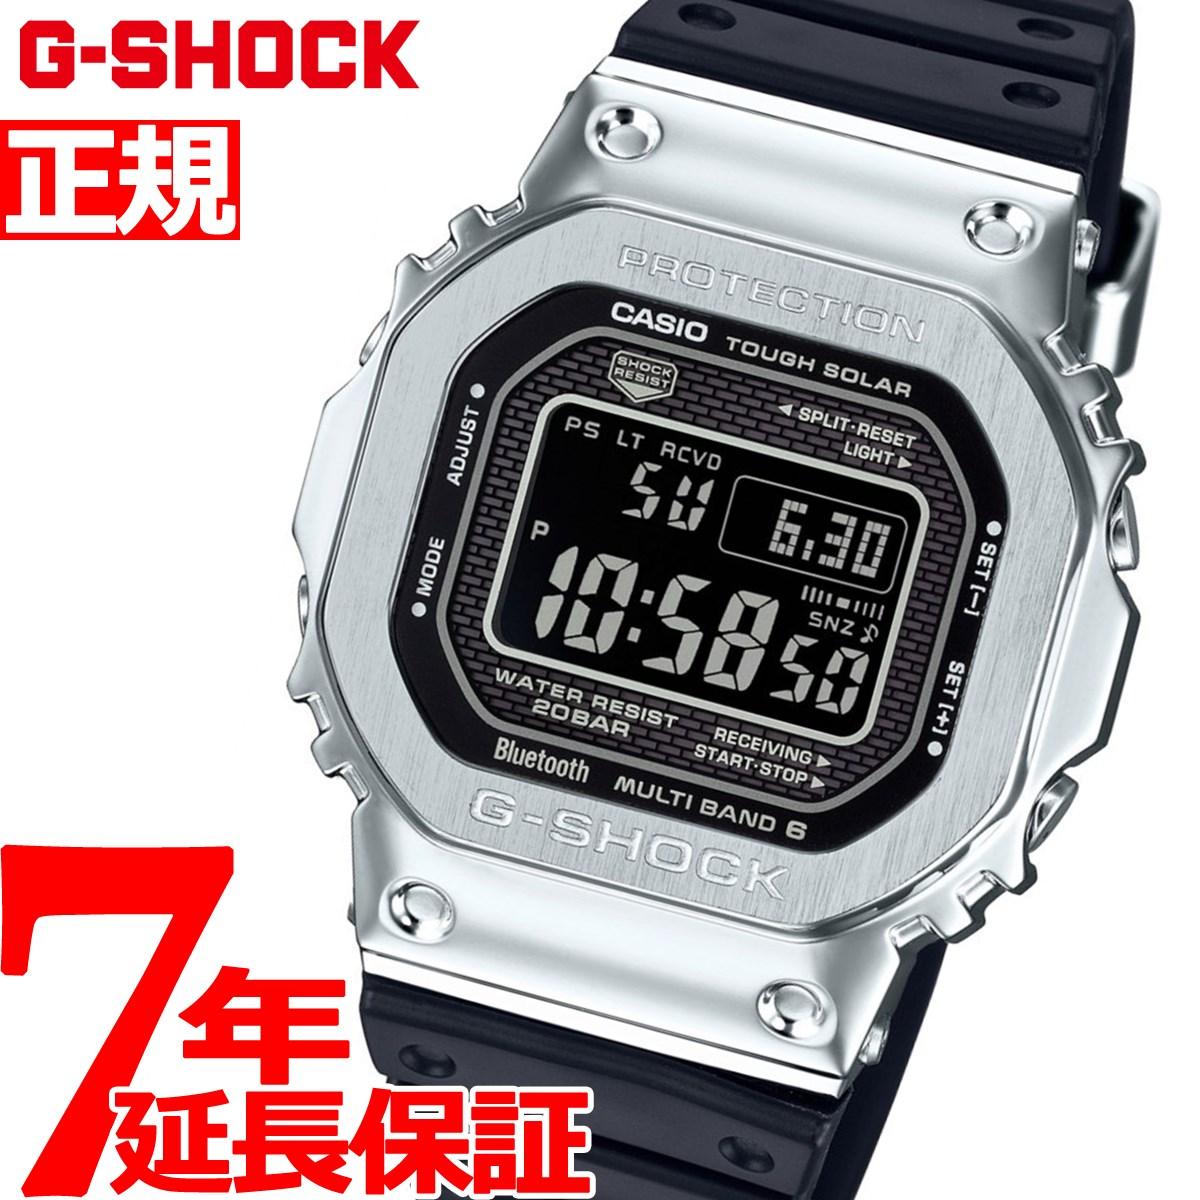 ニールがお得!今ならポイント最大39倍!10日23時59分まで! カシオ Gショック CASIO G-SHOCK タフソーラー 電波時計 デジタル 腕時計 メンズ GMW-B5000-1JF【2018 新作】